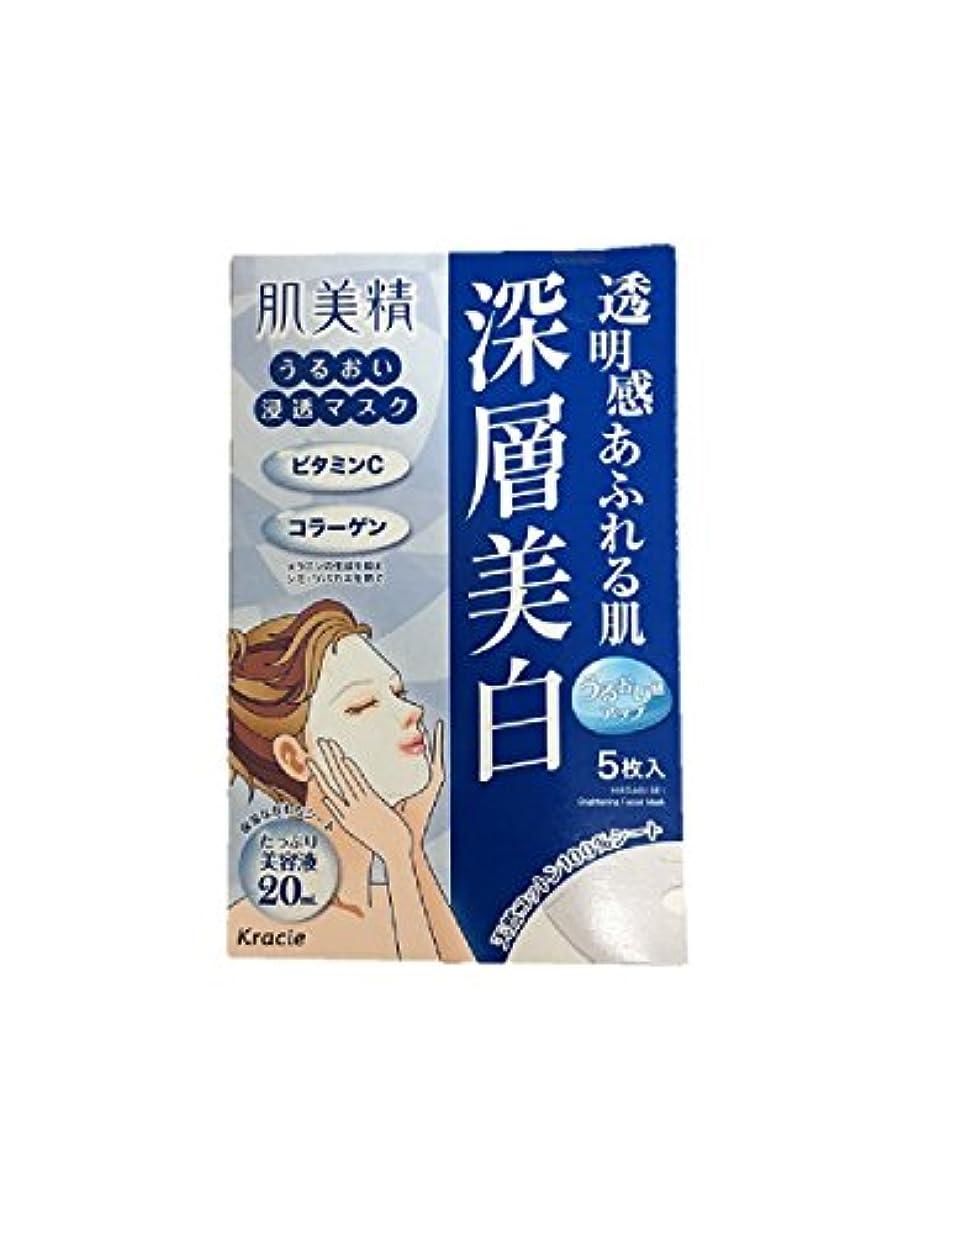 【セット】 クラシエホームプロダクツ 肌美精 うるおい浸透マスク (深層美白) 5枚入 (美容液20mL/1枚) 5個セット